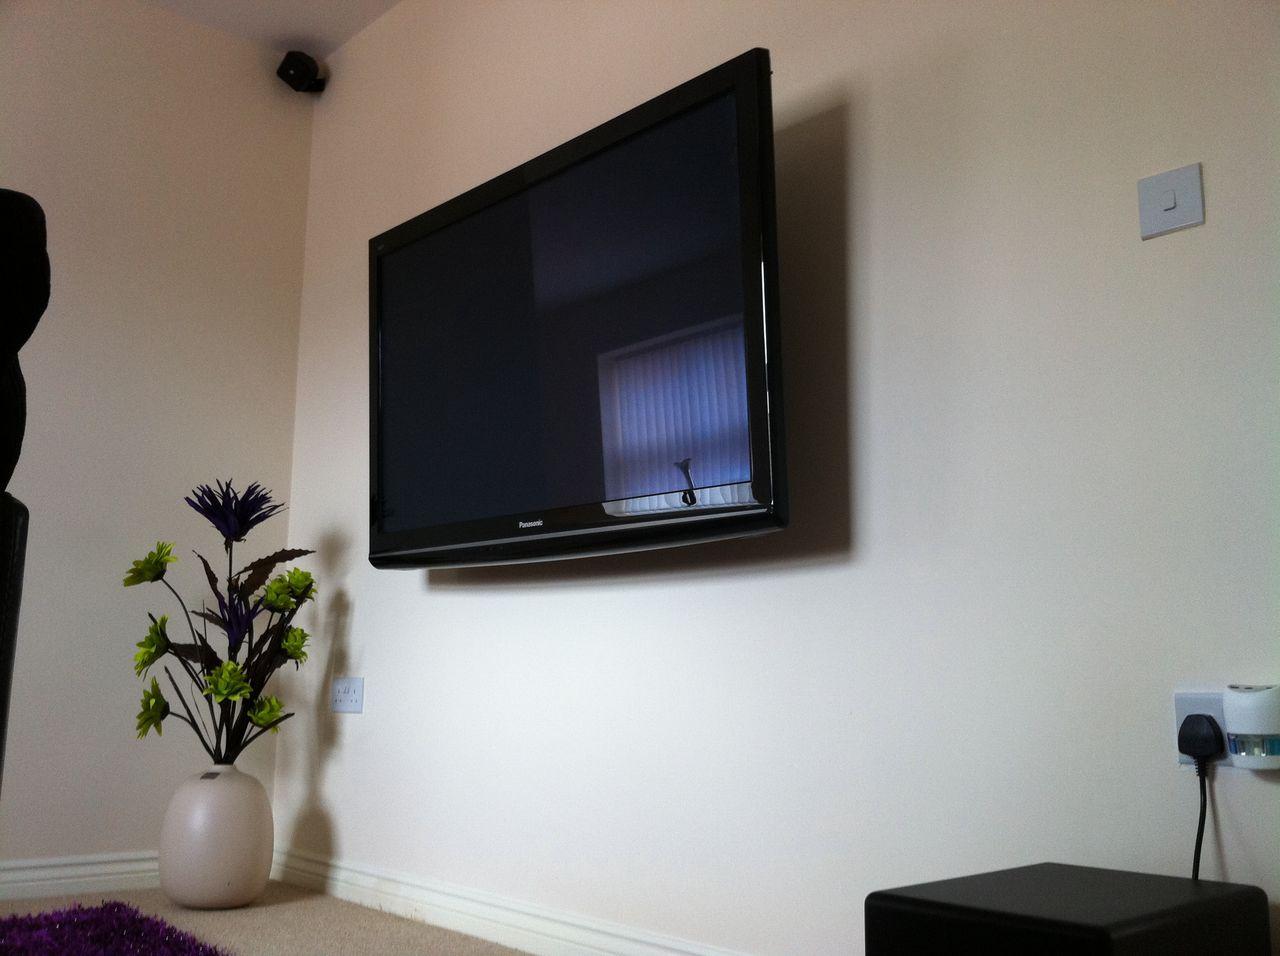 Картинка с телевизором на стене